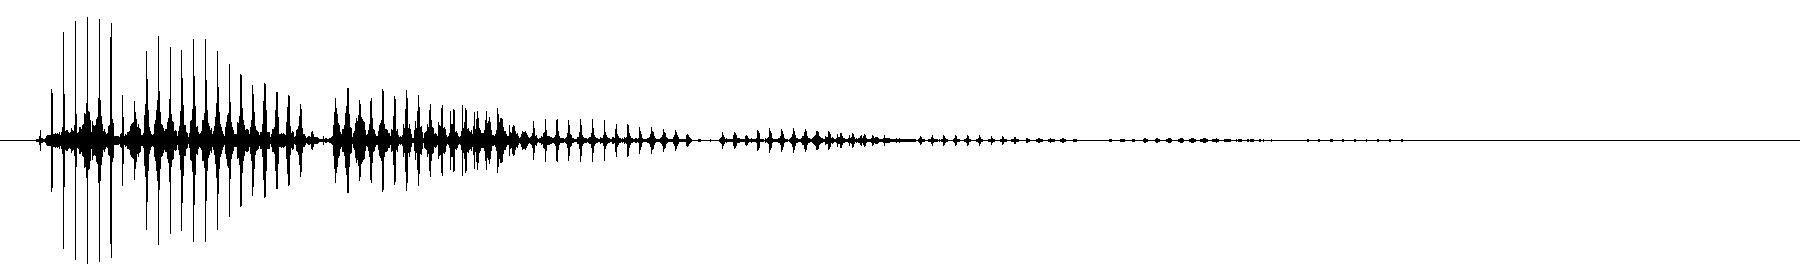 vocoder 2   samplea